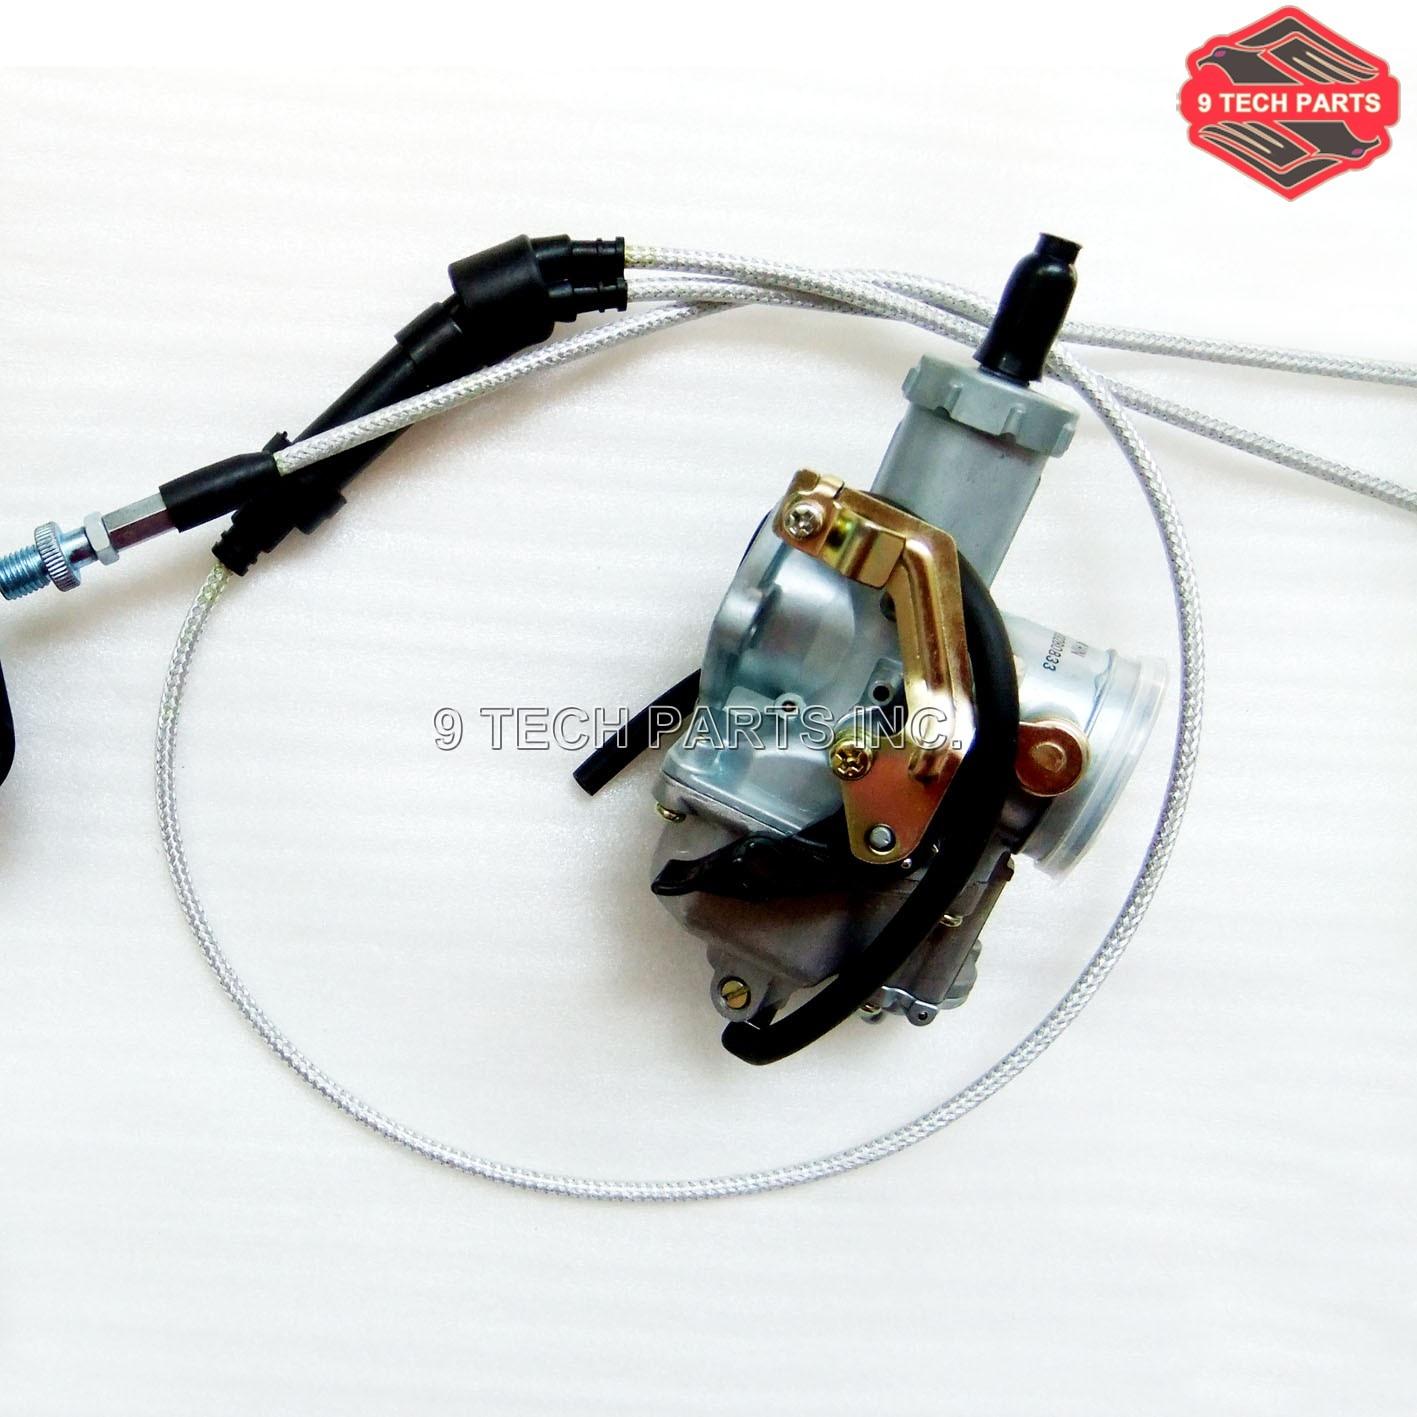 pz30-30-millimetri-carburatore-con-pompa-di-accelerazione-con-cavo-choke-carb-doppio-cavo-acceleratore-kit-atv-dirt-bike-pit-quad-200cc-250cc